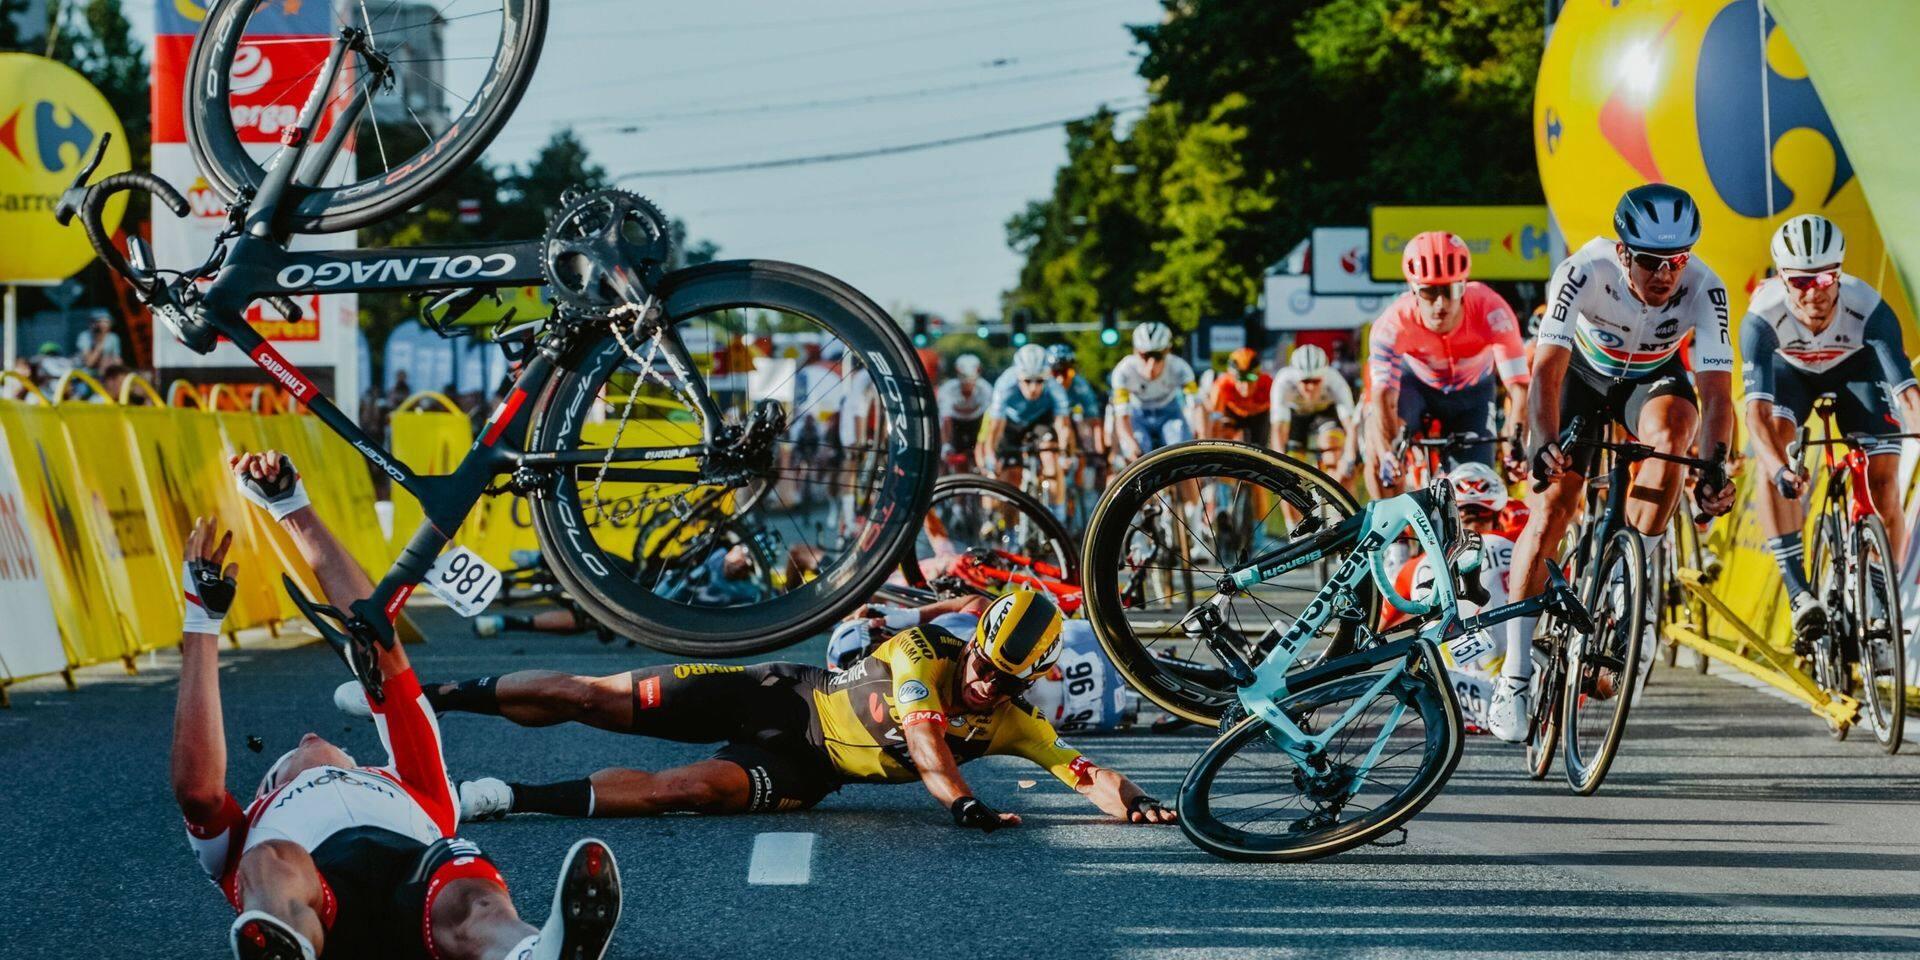 Fabio Jakobsen a été sorti de son coma après sa lourde chute au Tour de Pologne